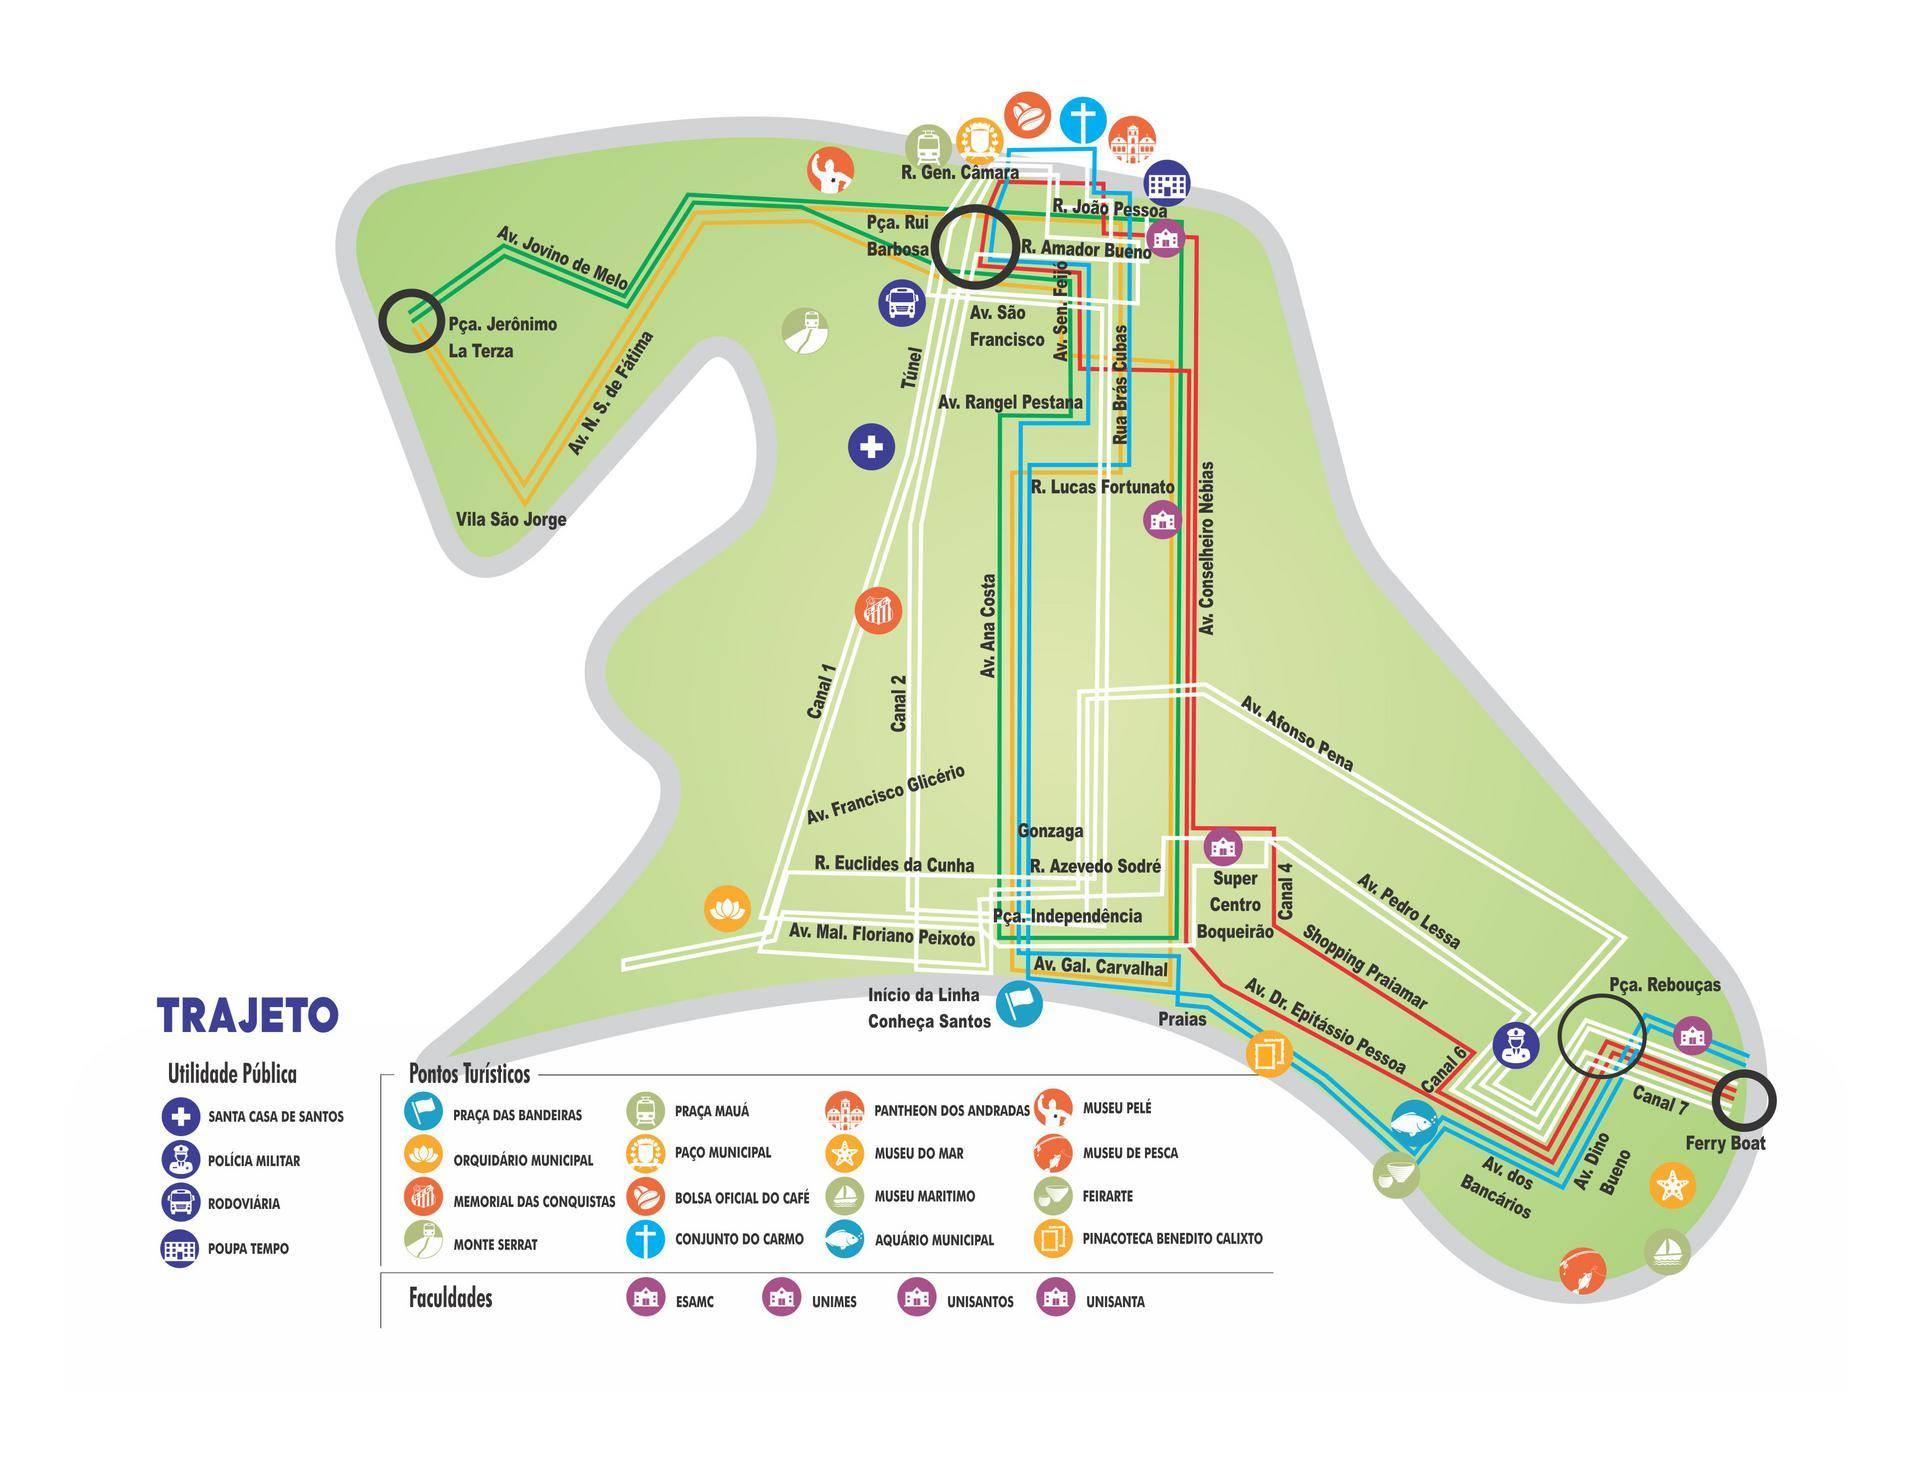 www.juicysantos.com.br - trajeto dos ônibus seletivos em santos